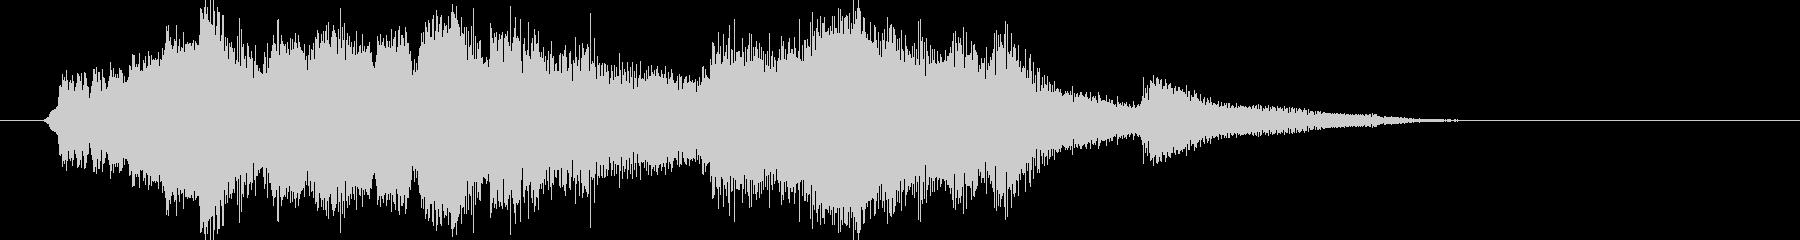 オシャレで上品な和風クラシック・15秒版の未再生の波形